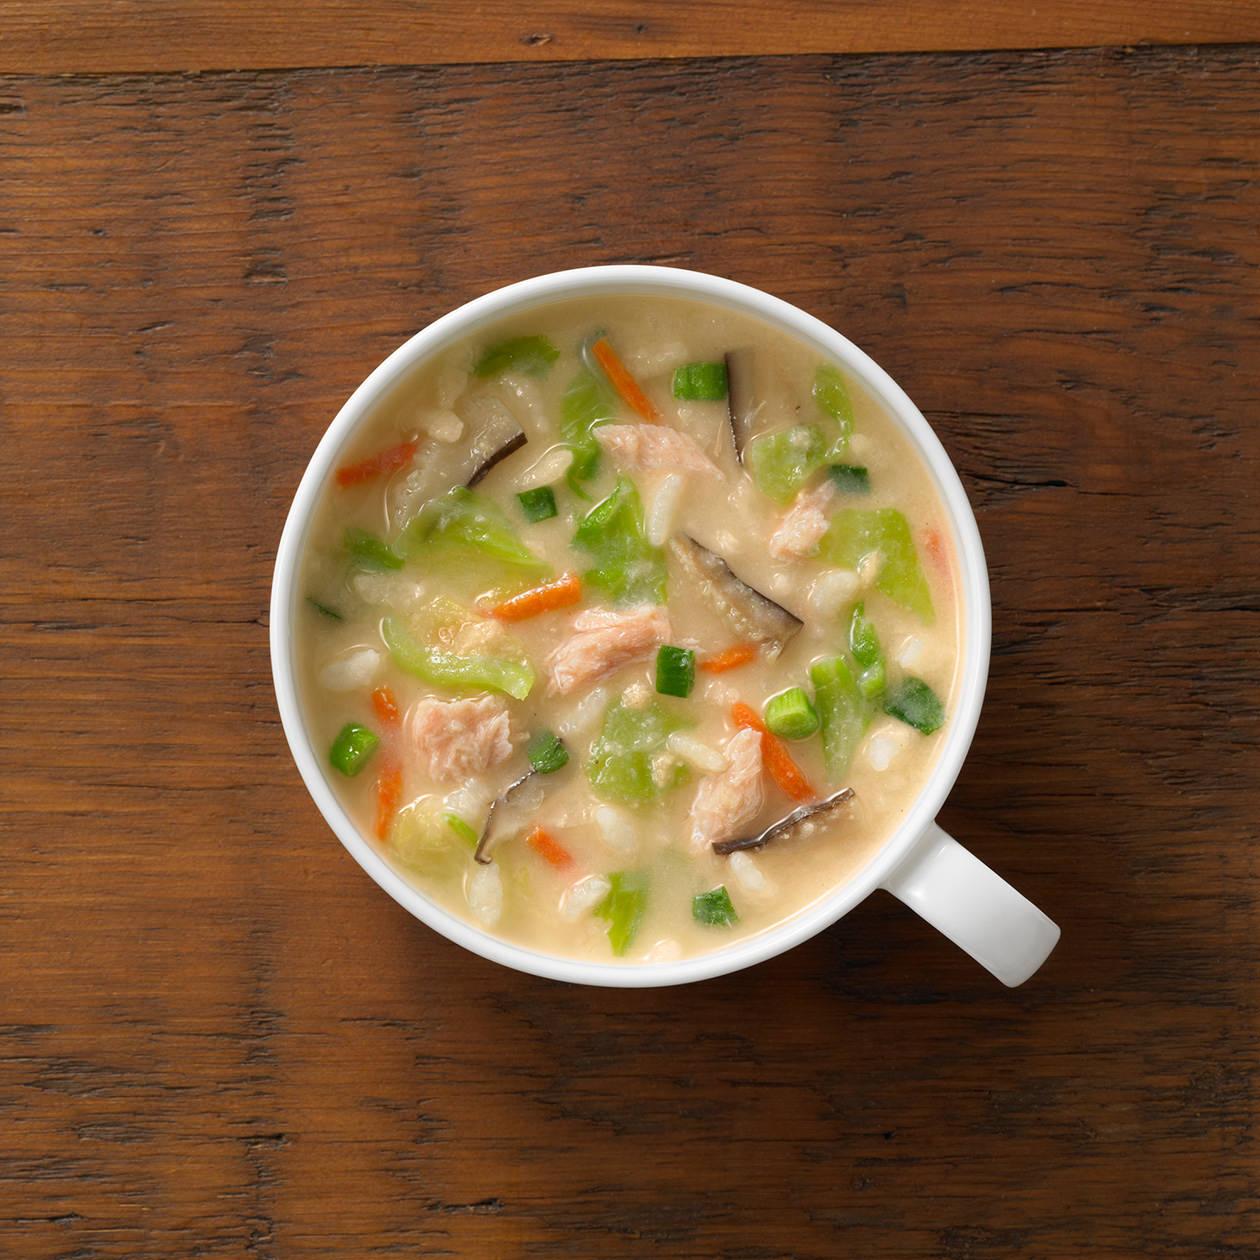 【ネット限定】まとめ買い 小さめごはん 鮭とキャベツの石狩鍋風しめ雑炊